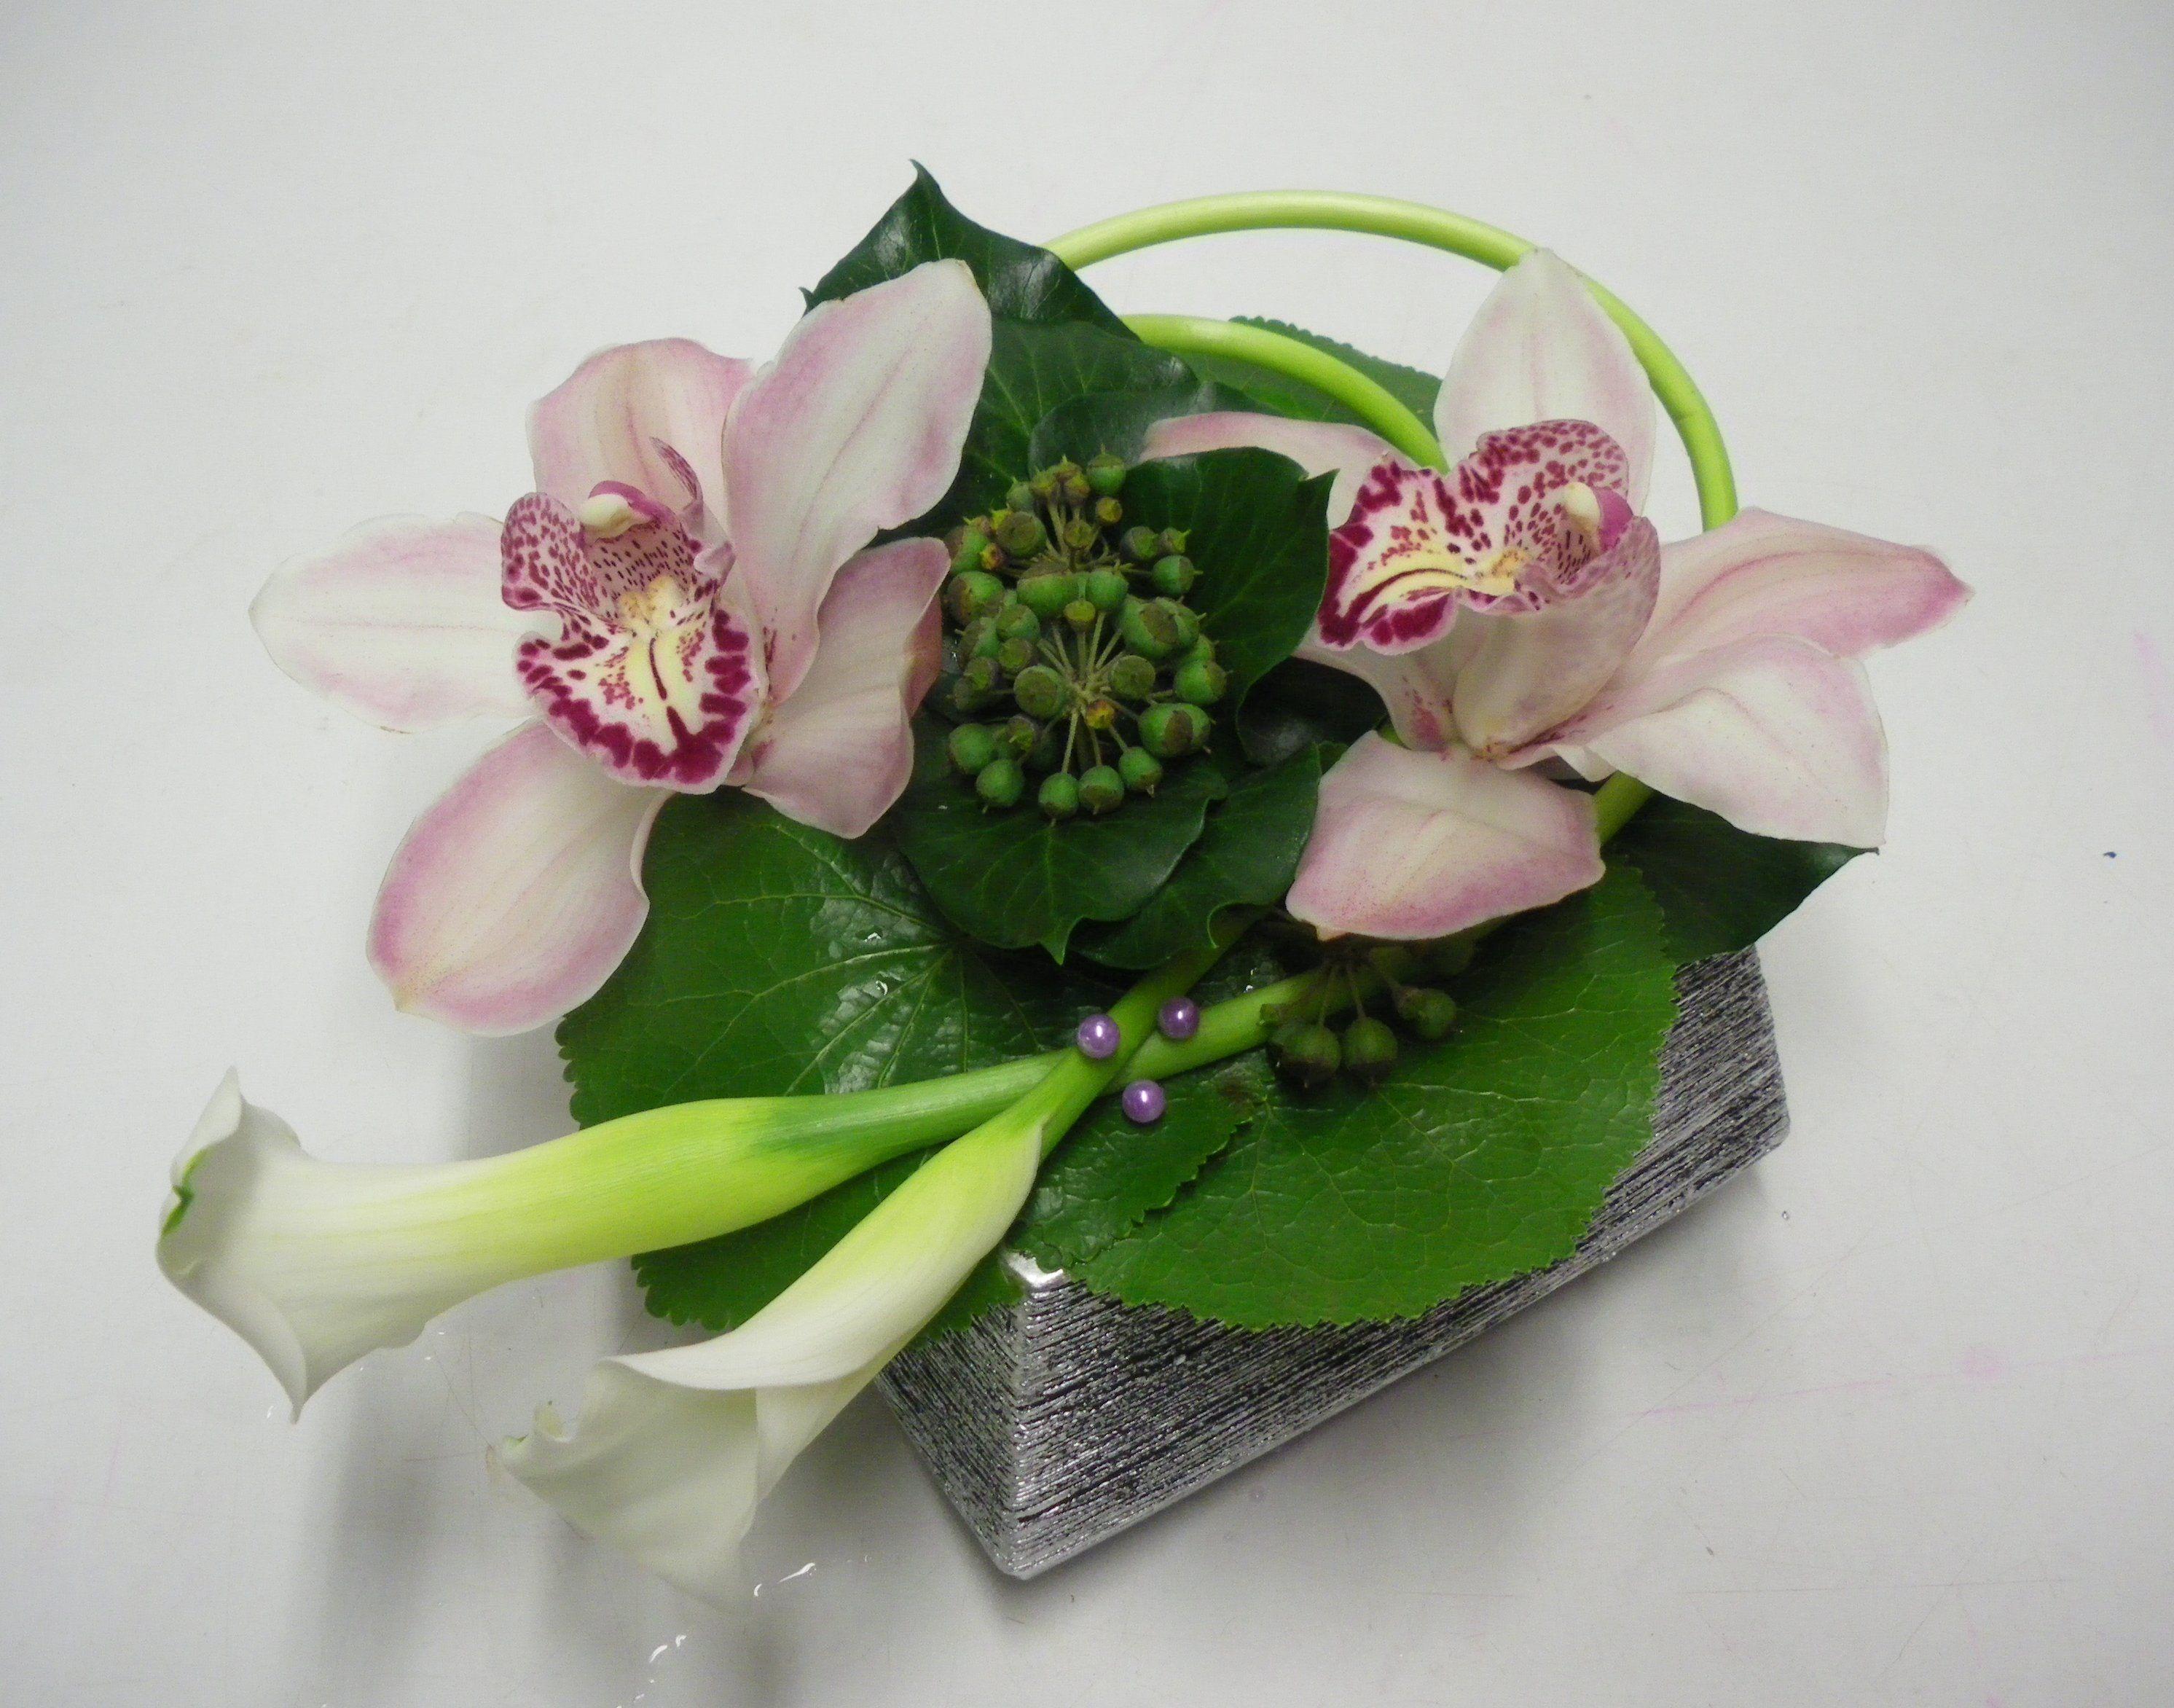 Délicieux Petite Composition Florale Simple #13: Composition : Retrouvez Tous Les Messages Sur Composition Sur  Closcrapflower (Page